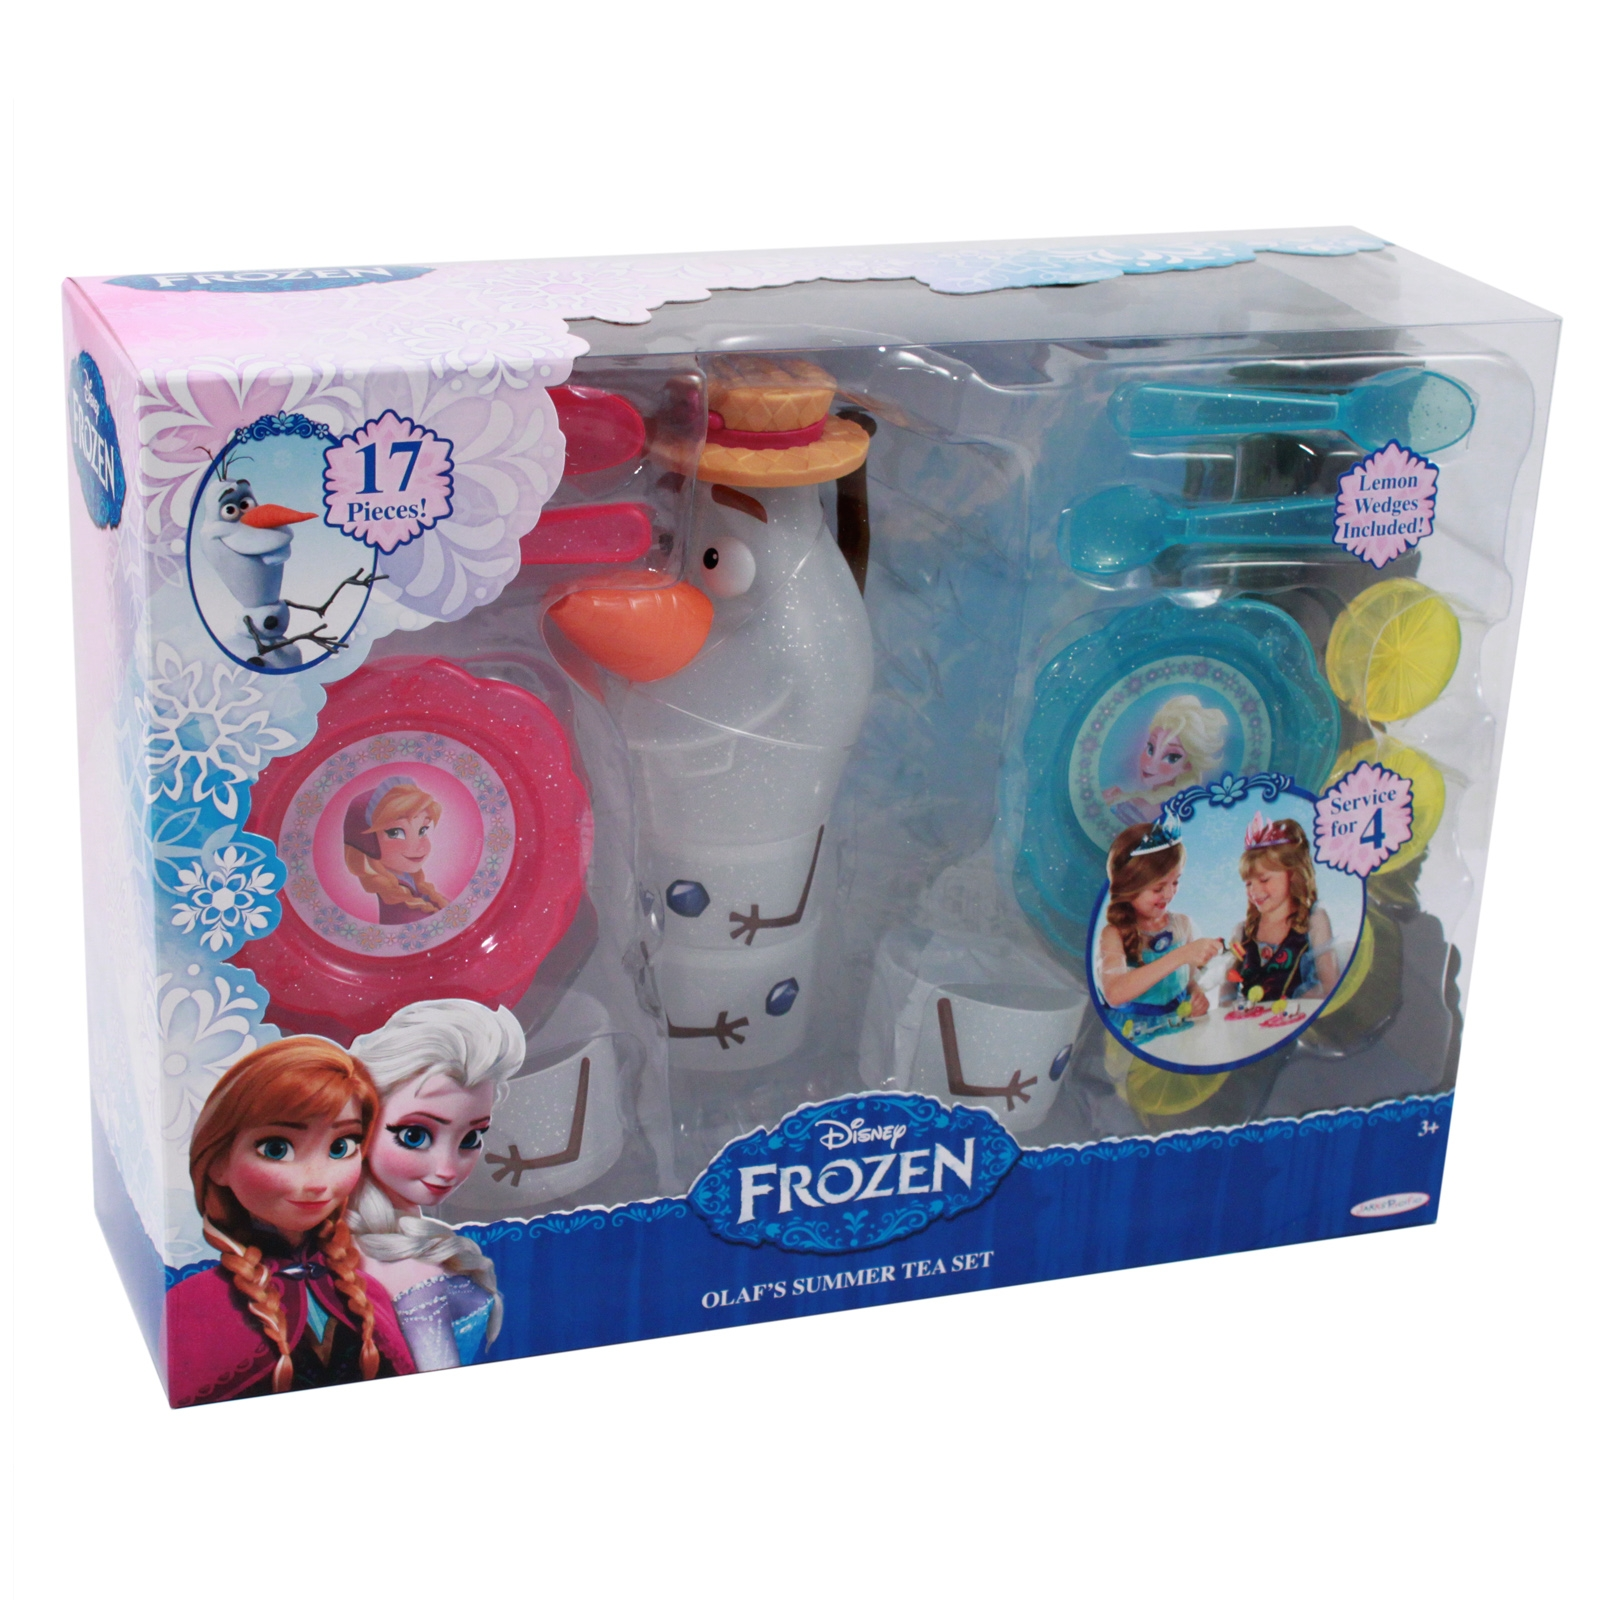 Jakks Frozen Olaf Tea Set